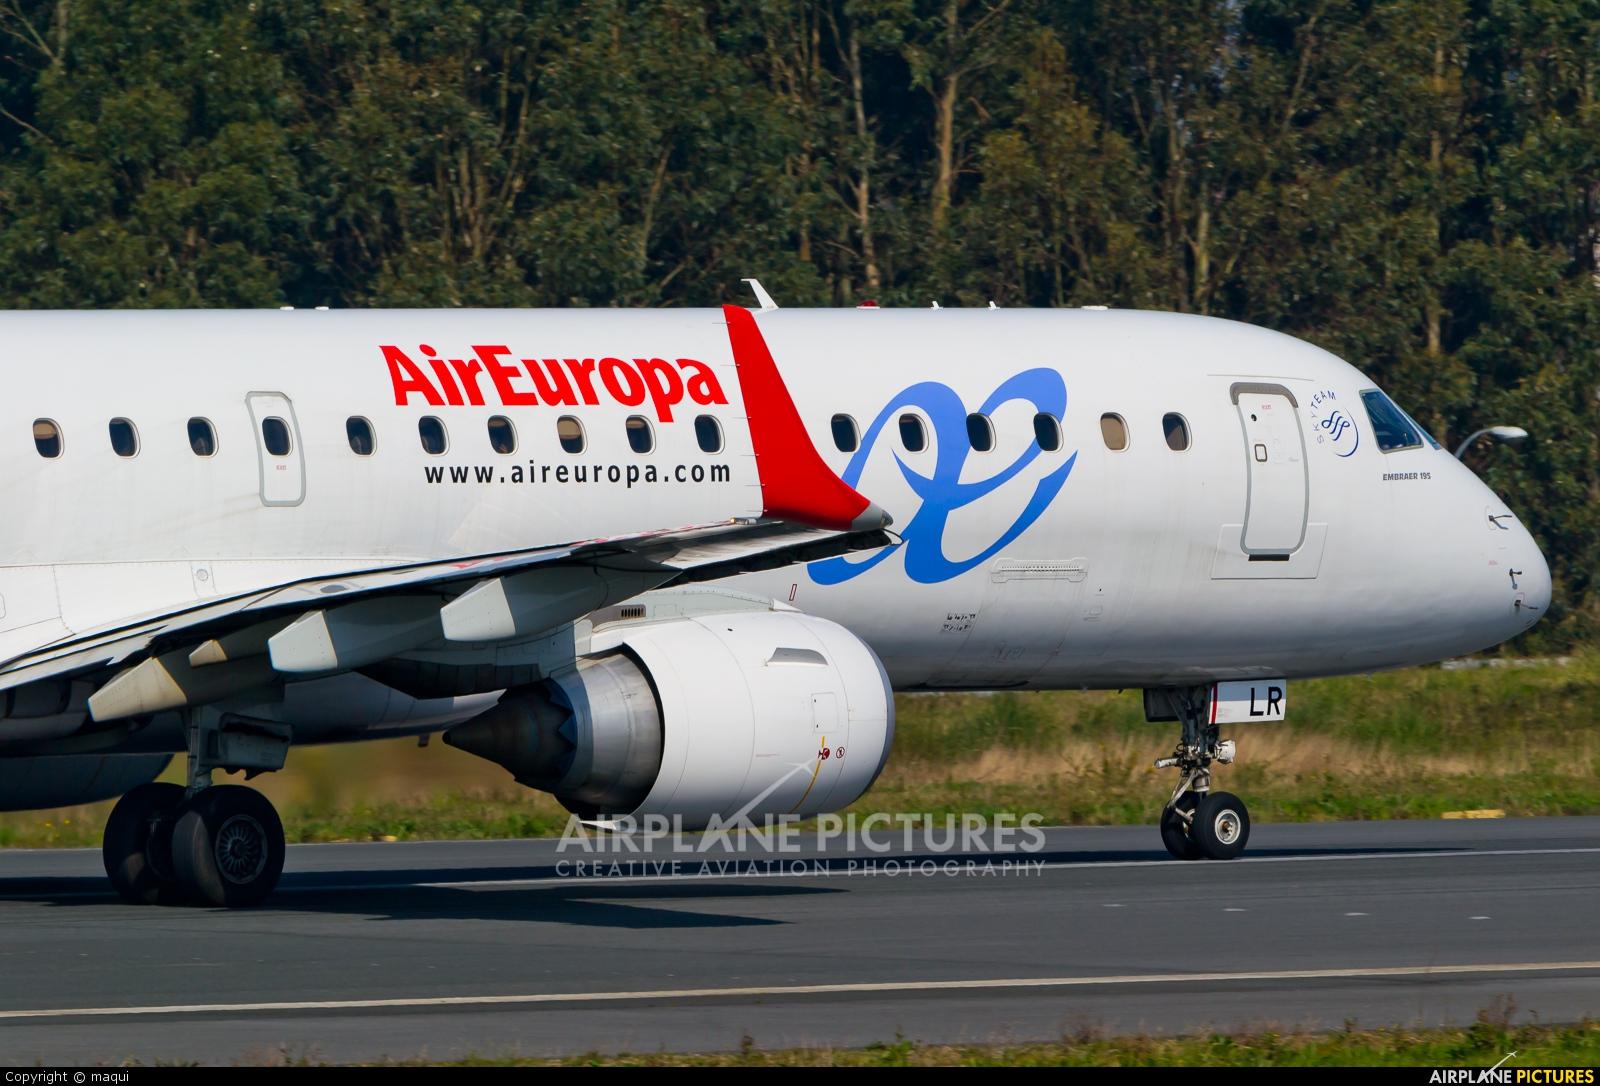 Air Europa EC-LLR aircraft at La Coruña